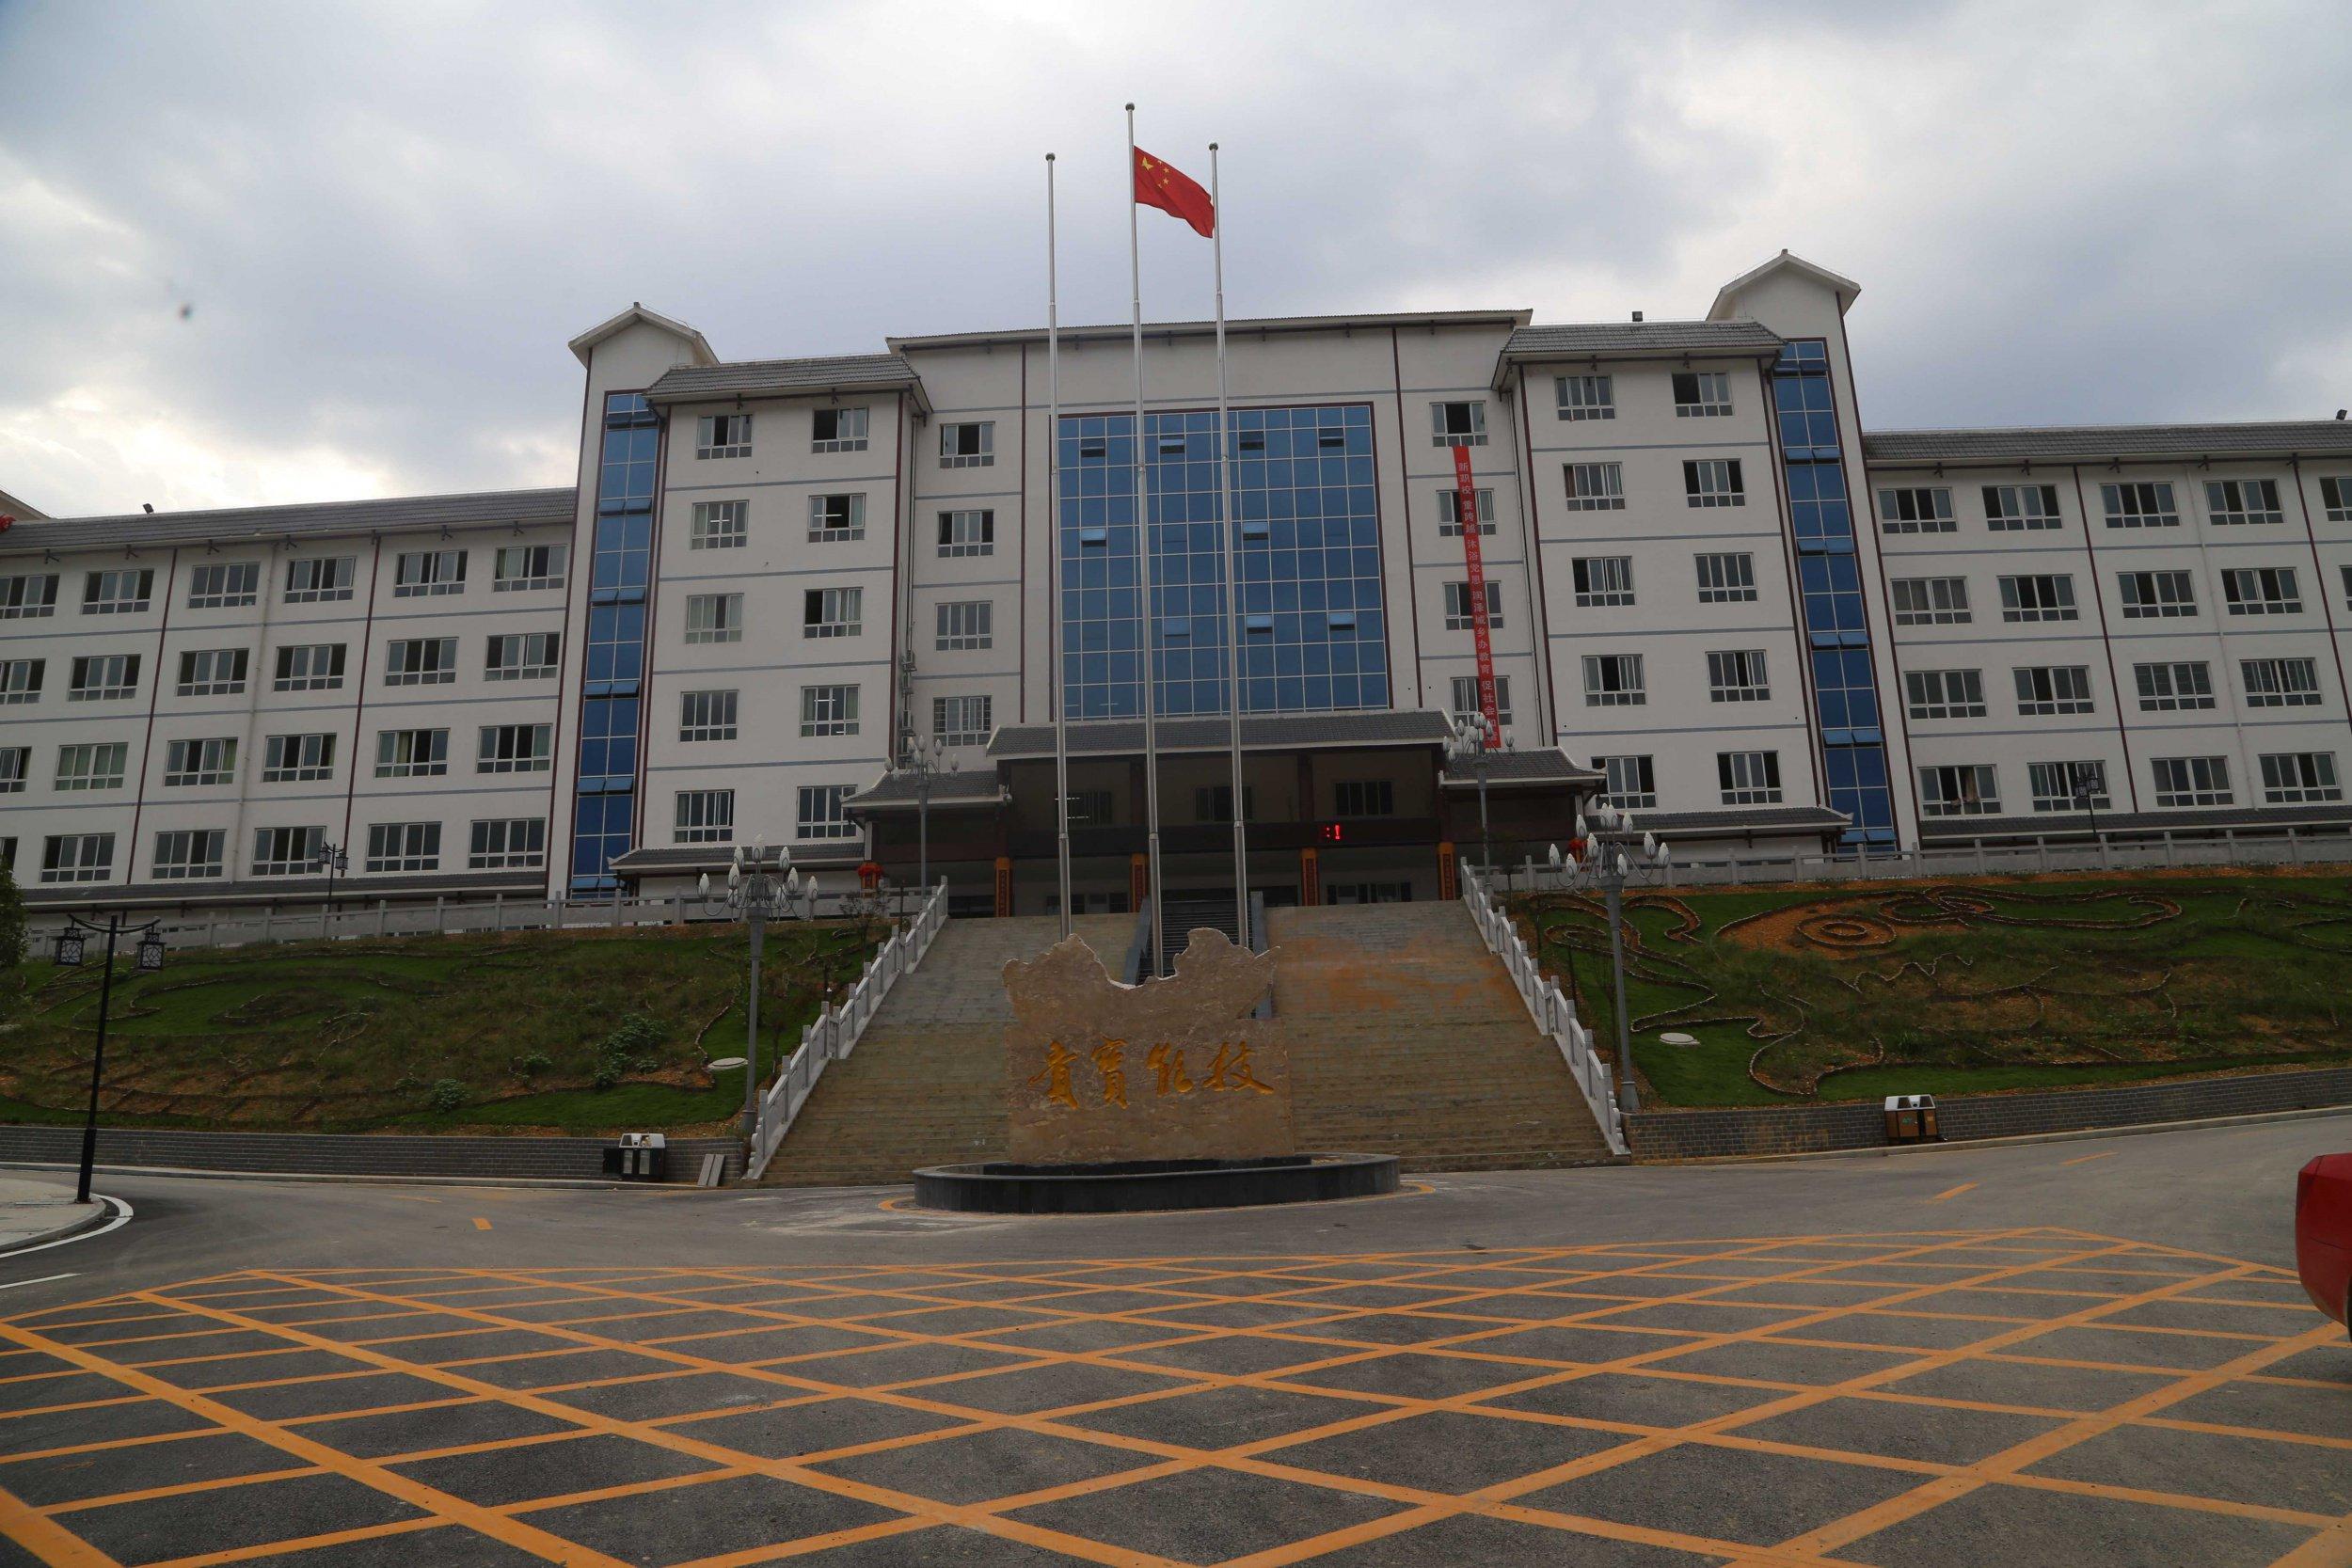 三都水族自治县中等职业技术学校:招生计划:学校专业: